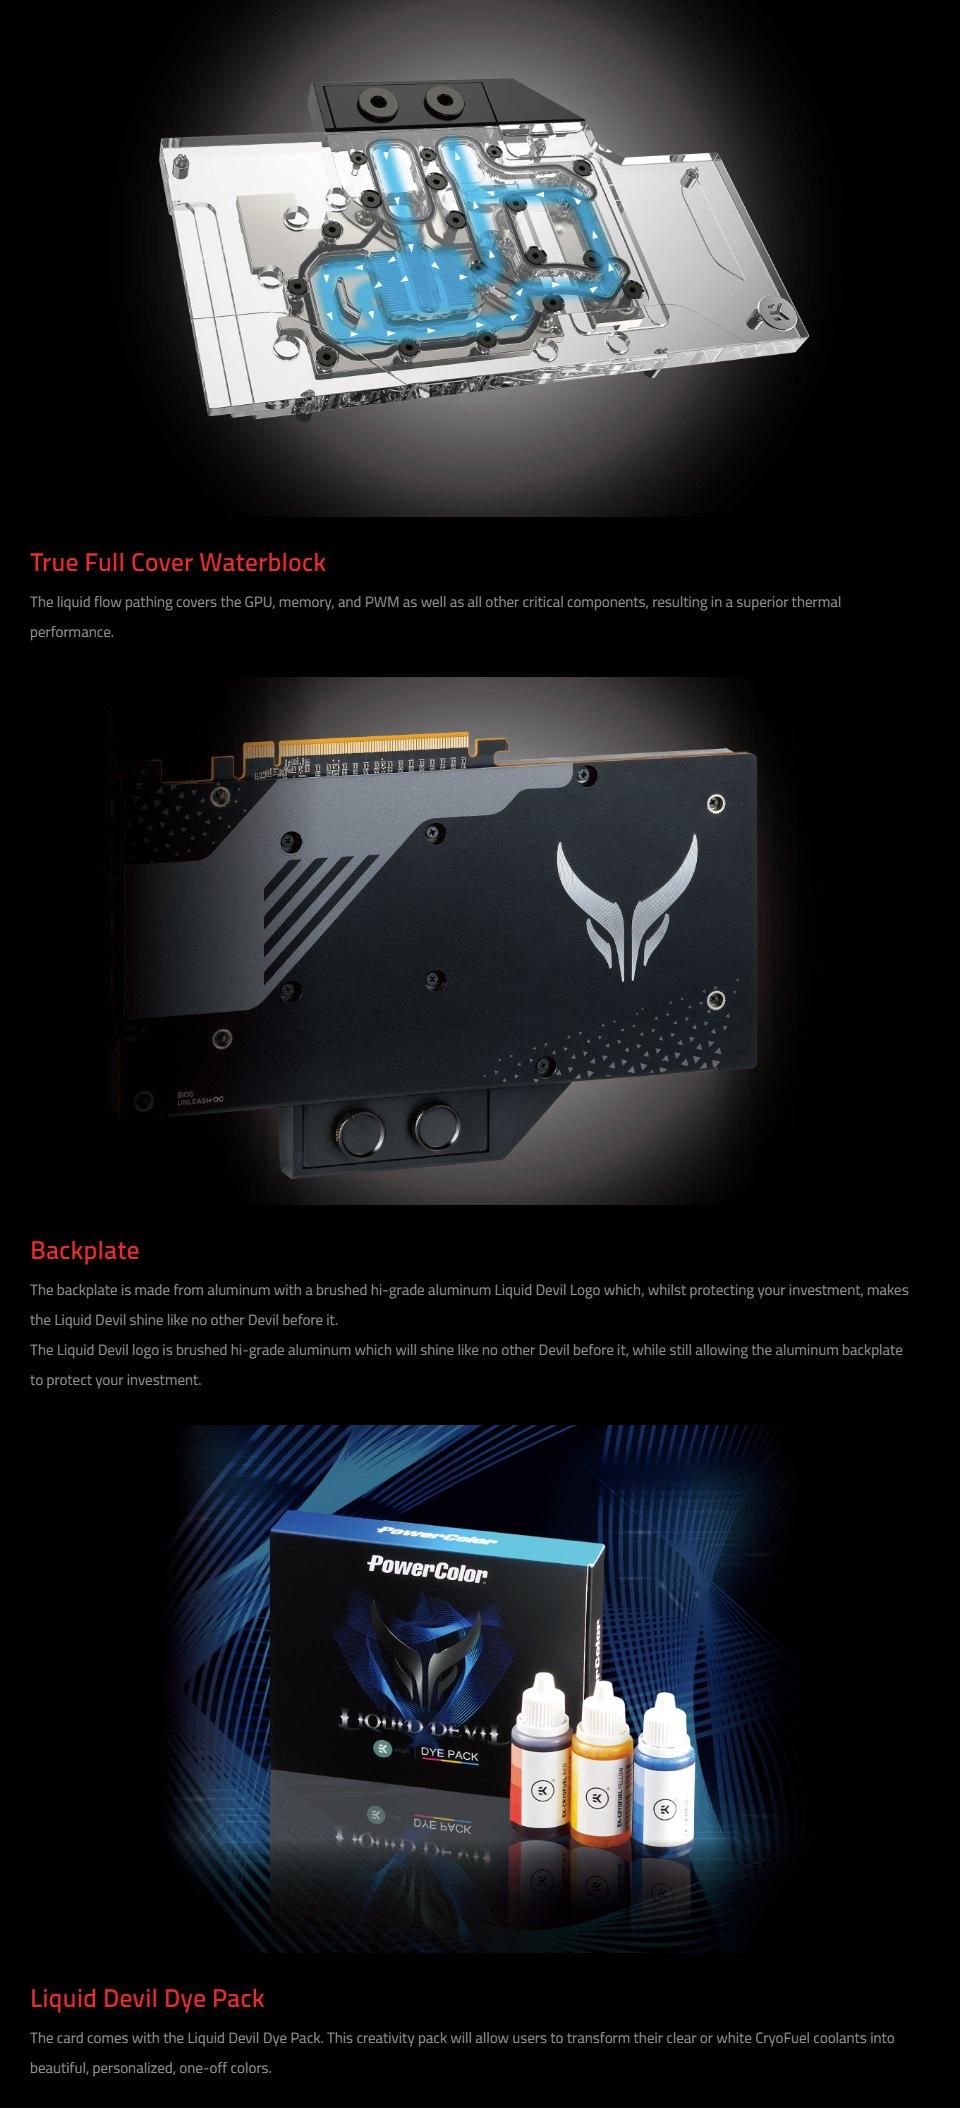 PowerColor Radeon RX 5700 XT Liquid Devil 8GB features 3